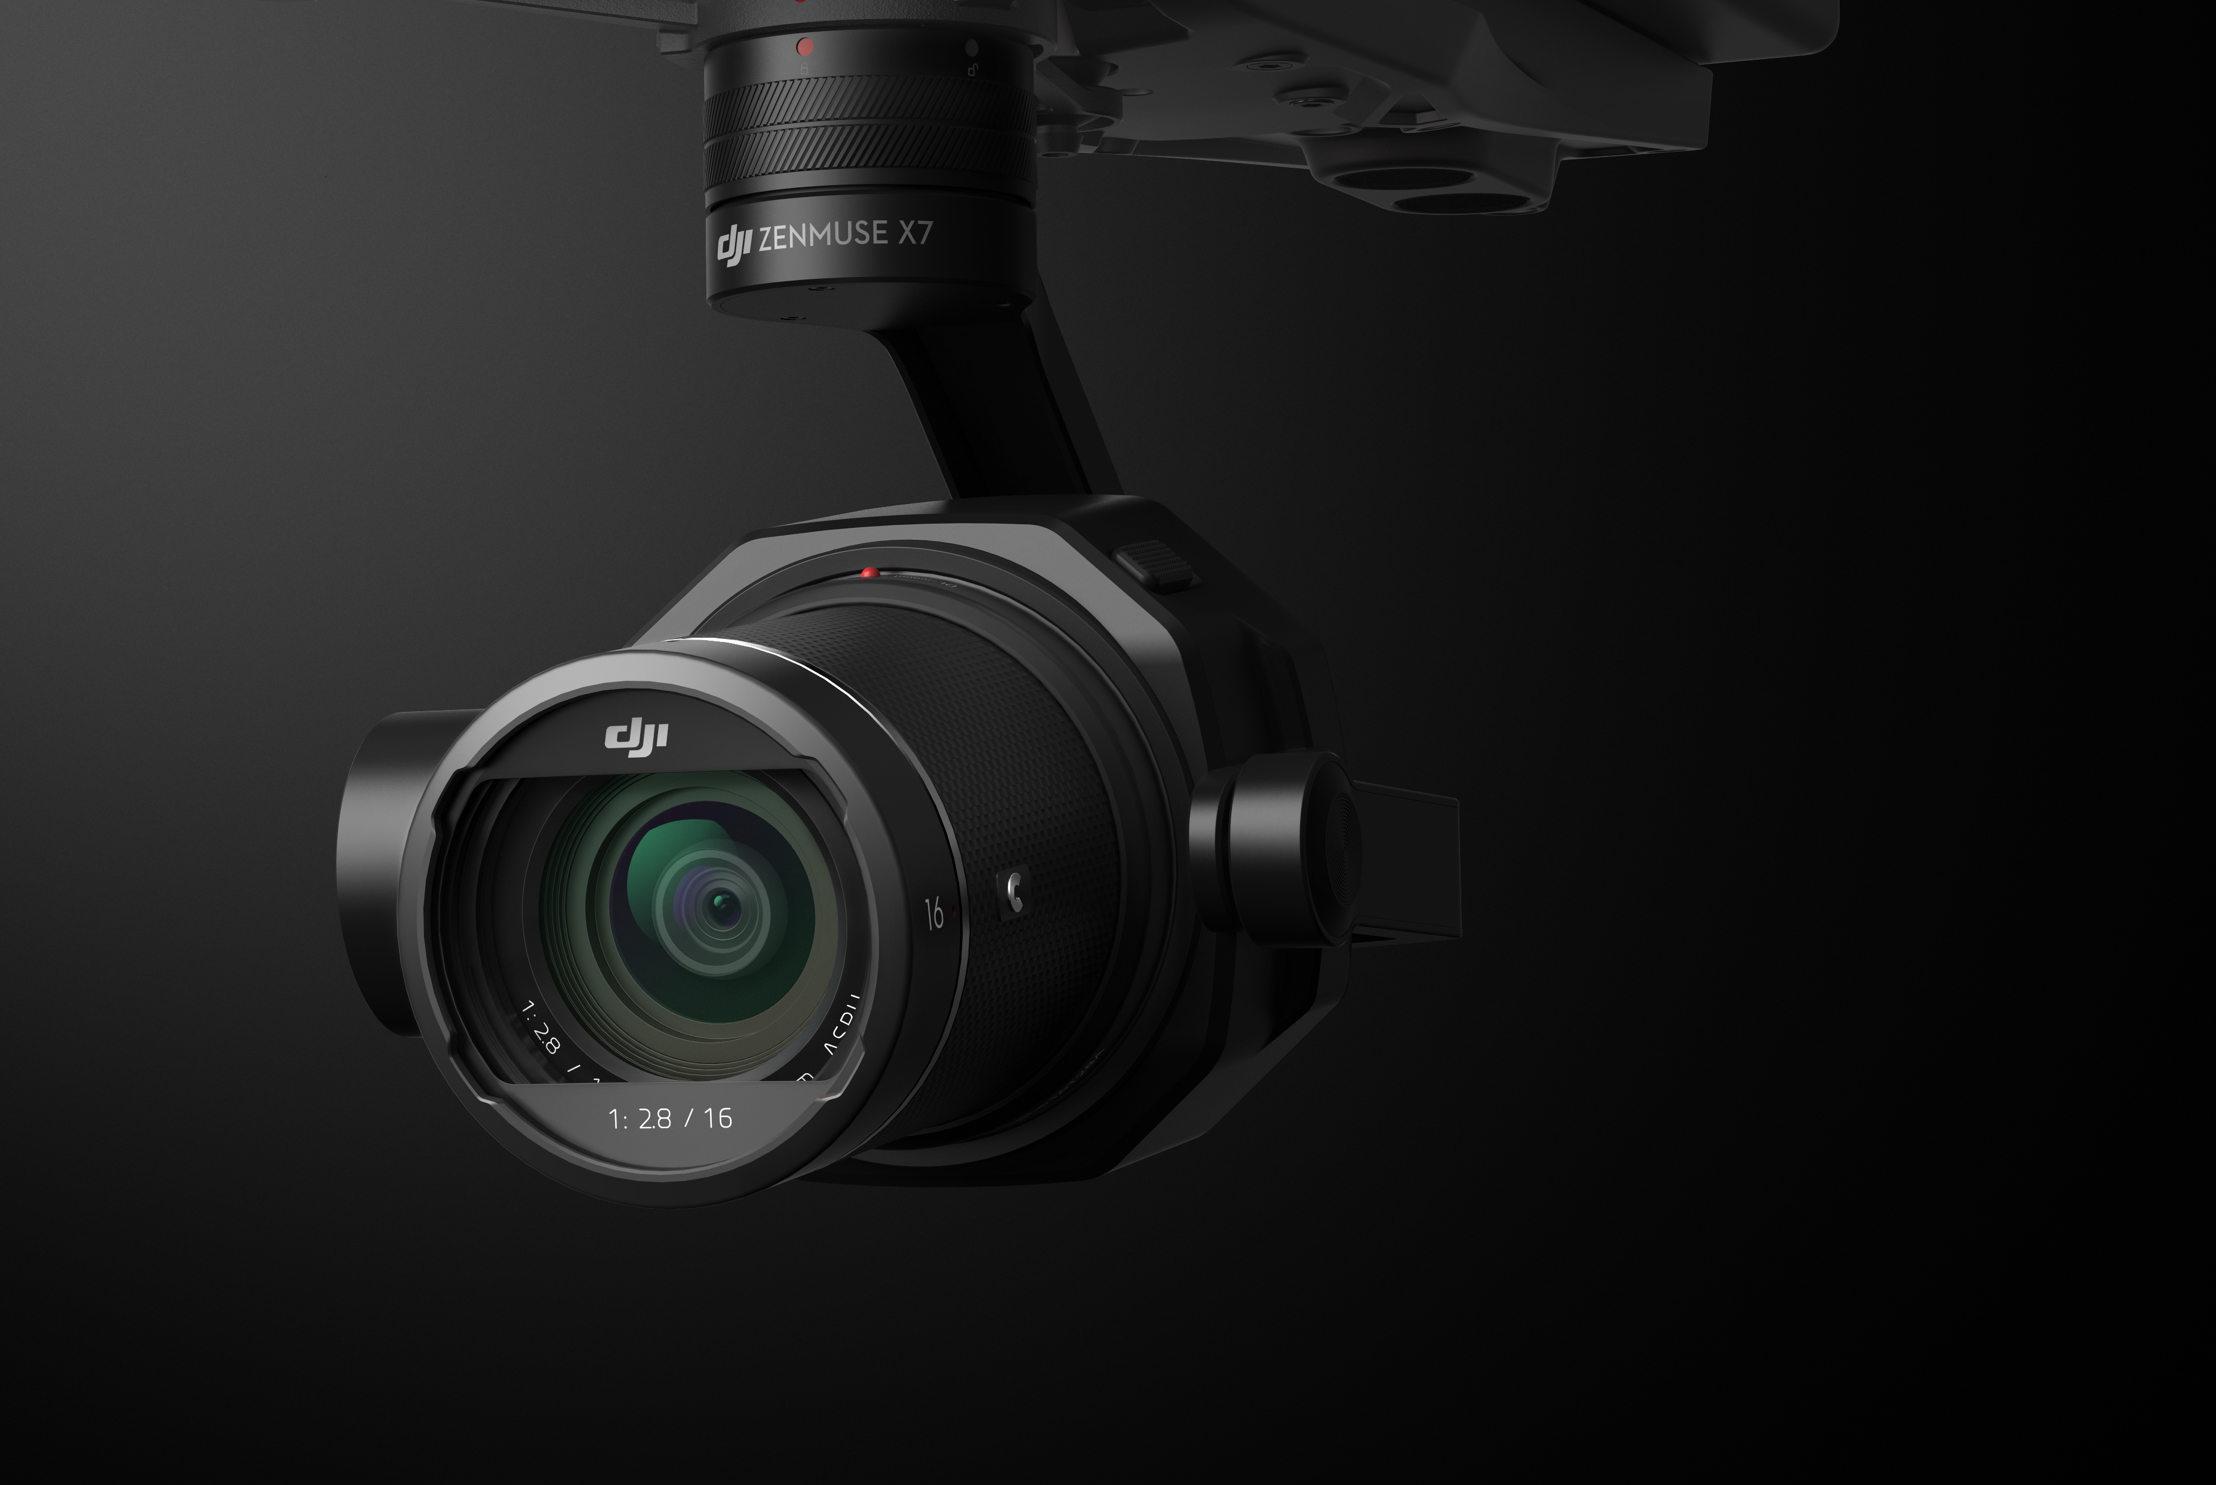 ドローン向けスーパー35mmセンサー搭載カメラ「Zenmuse X7」の性能を徹底追求!【レビュー】